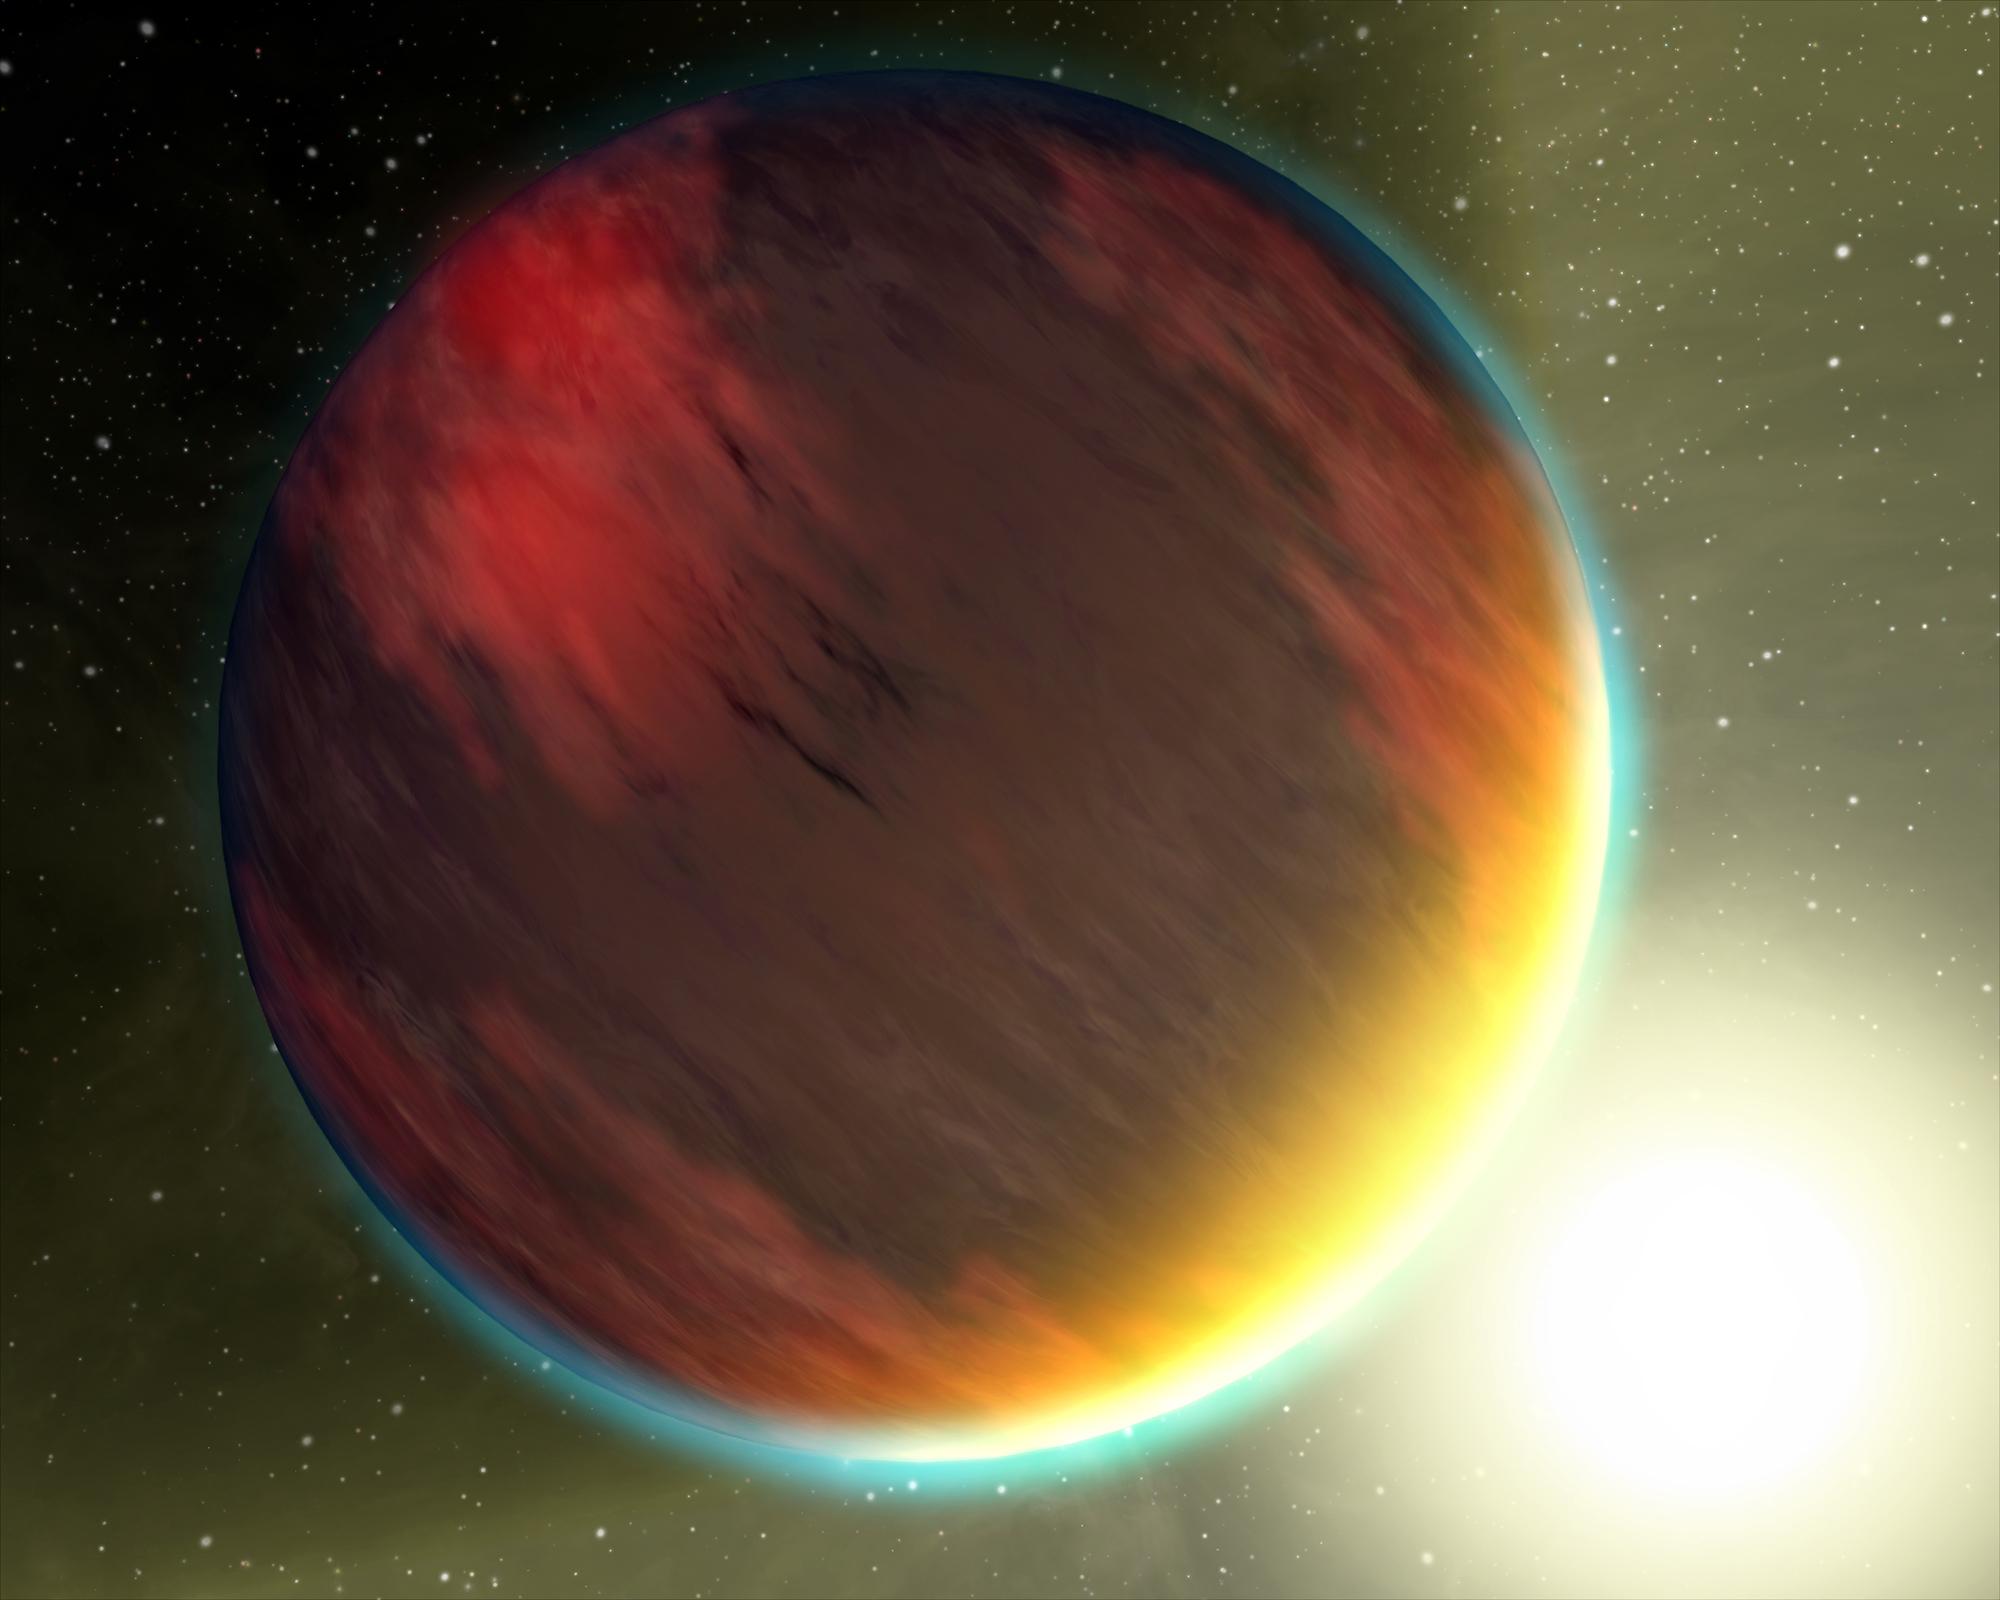 Representative image of a hot Jupiter. Image courtesy: NASA